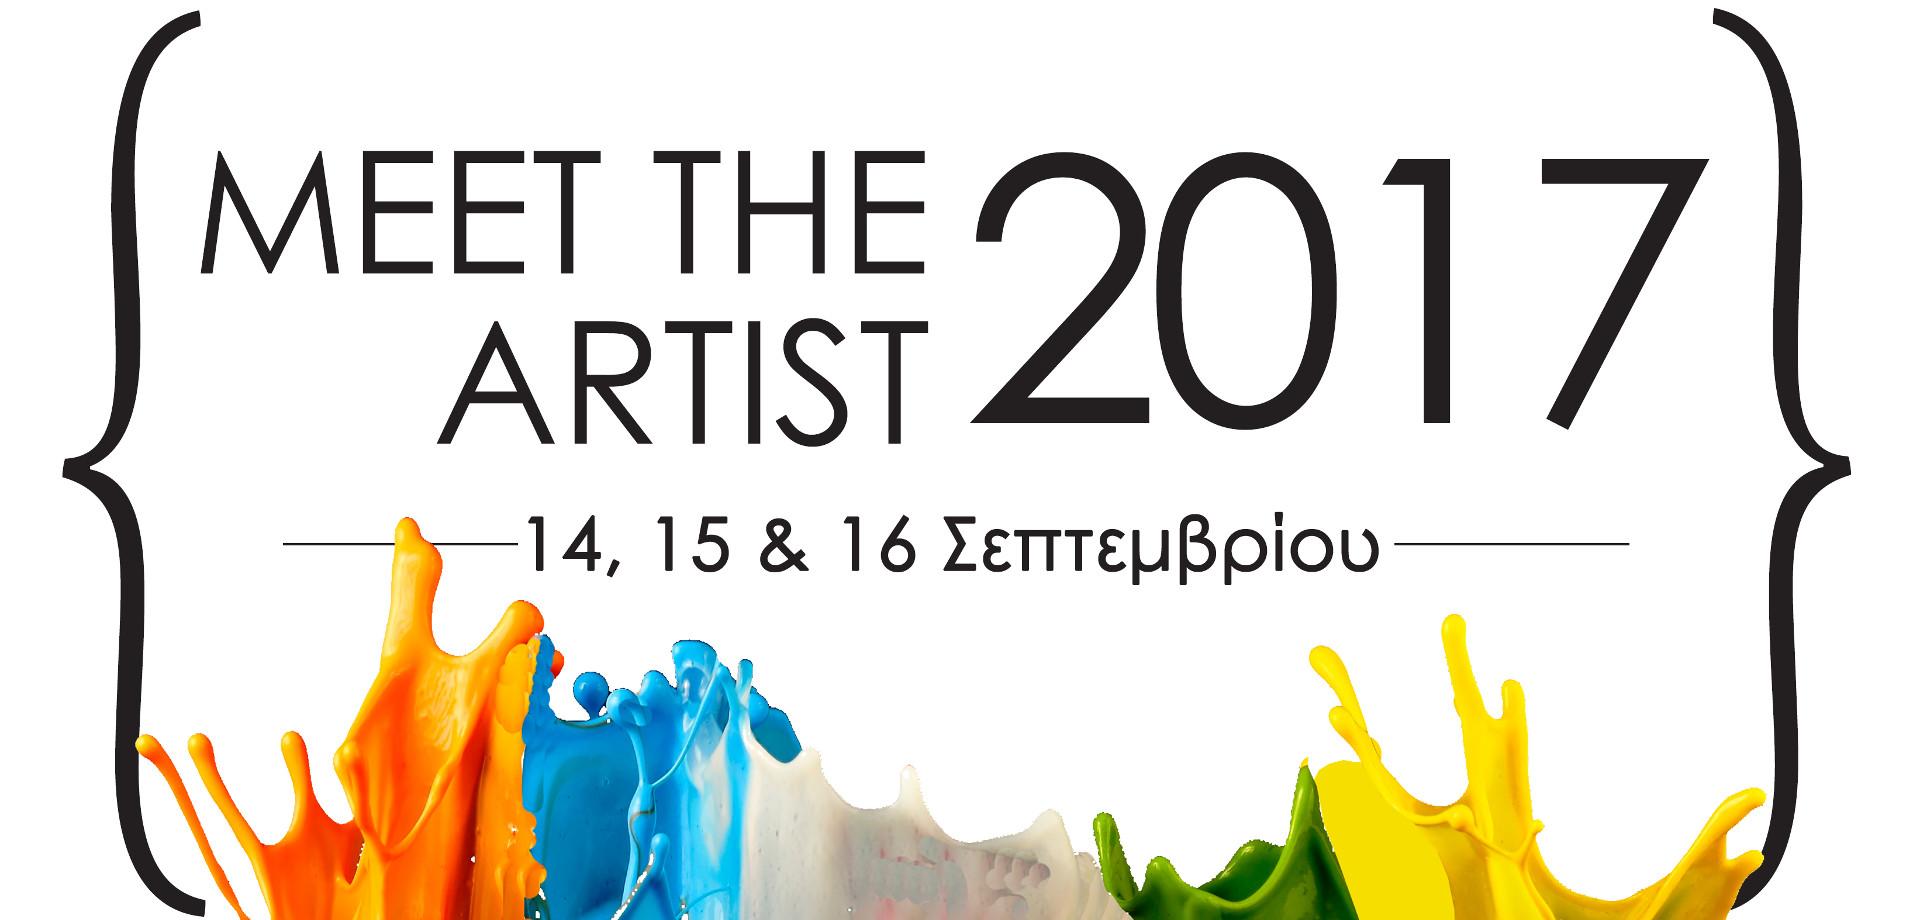 Συνάντηση με τους καλλιτέχνες στο Meet the Artist 2017